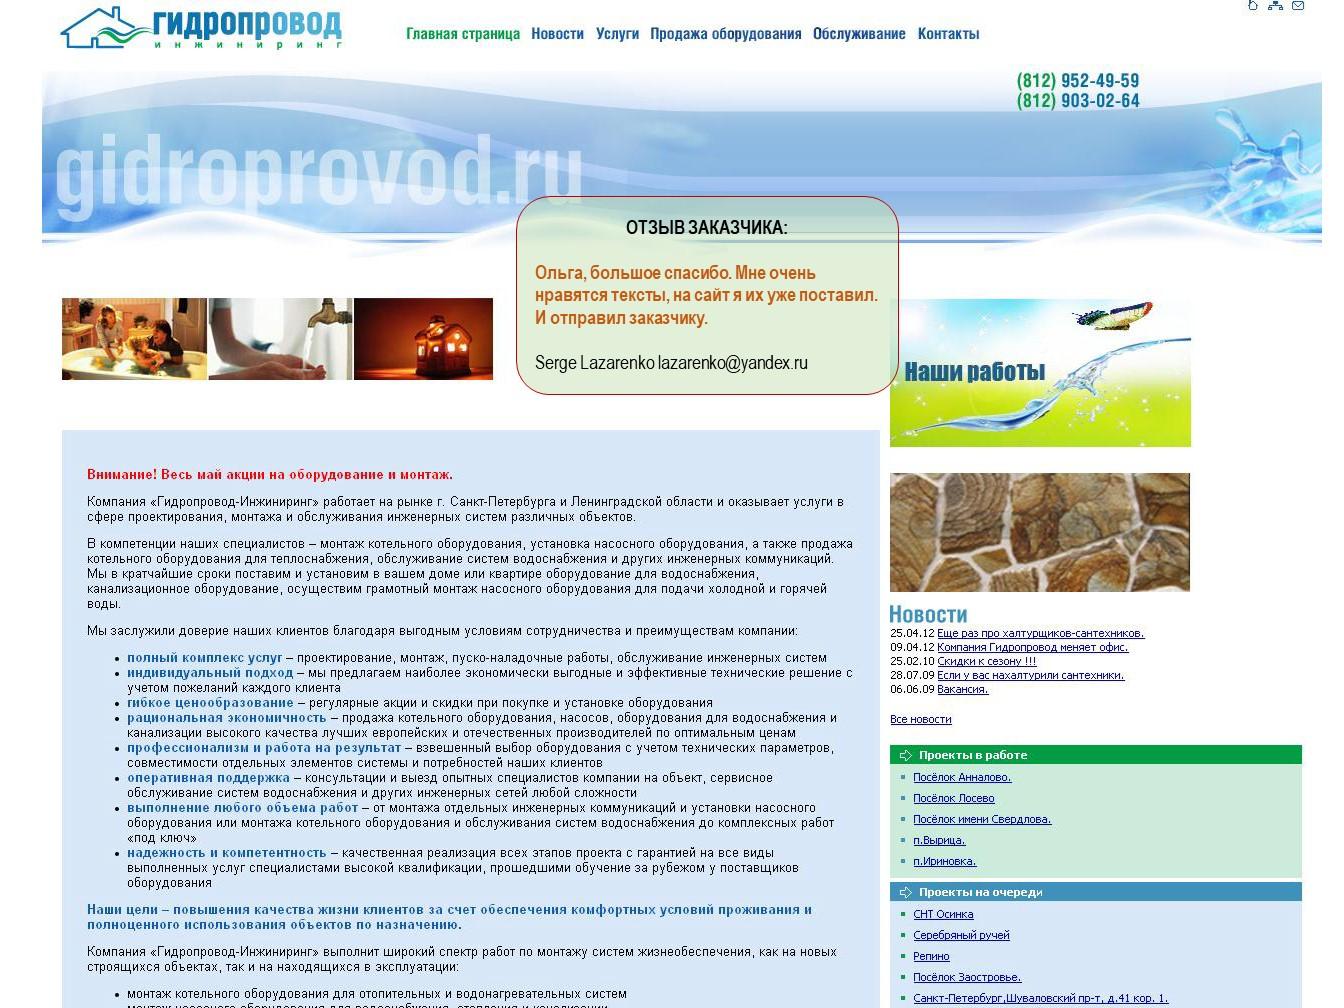 СЕО-текст на главную страницу сайта.